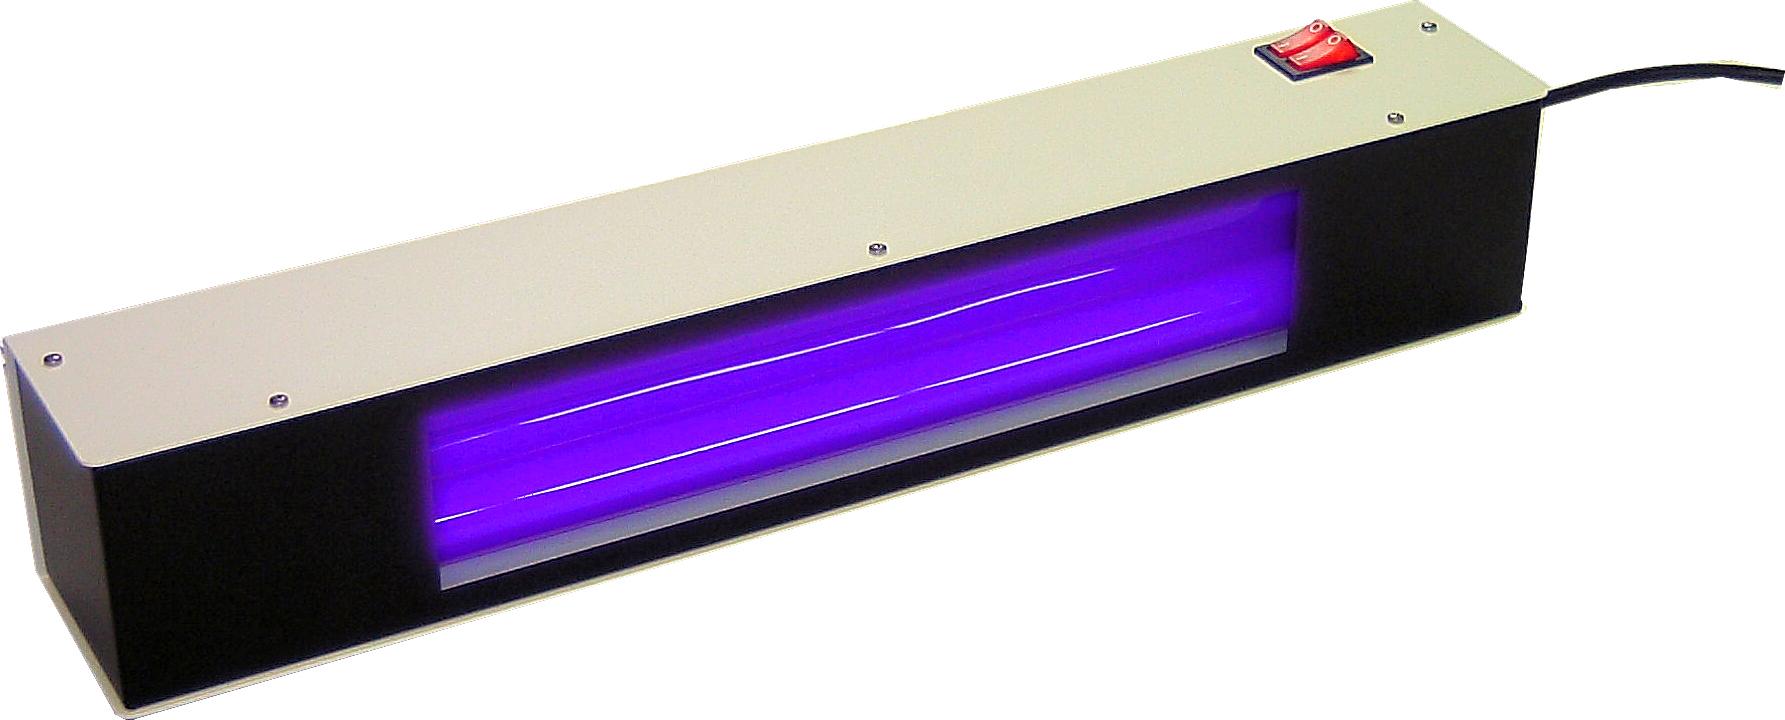 Uv: UV Analysis Lamps